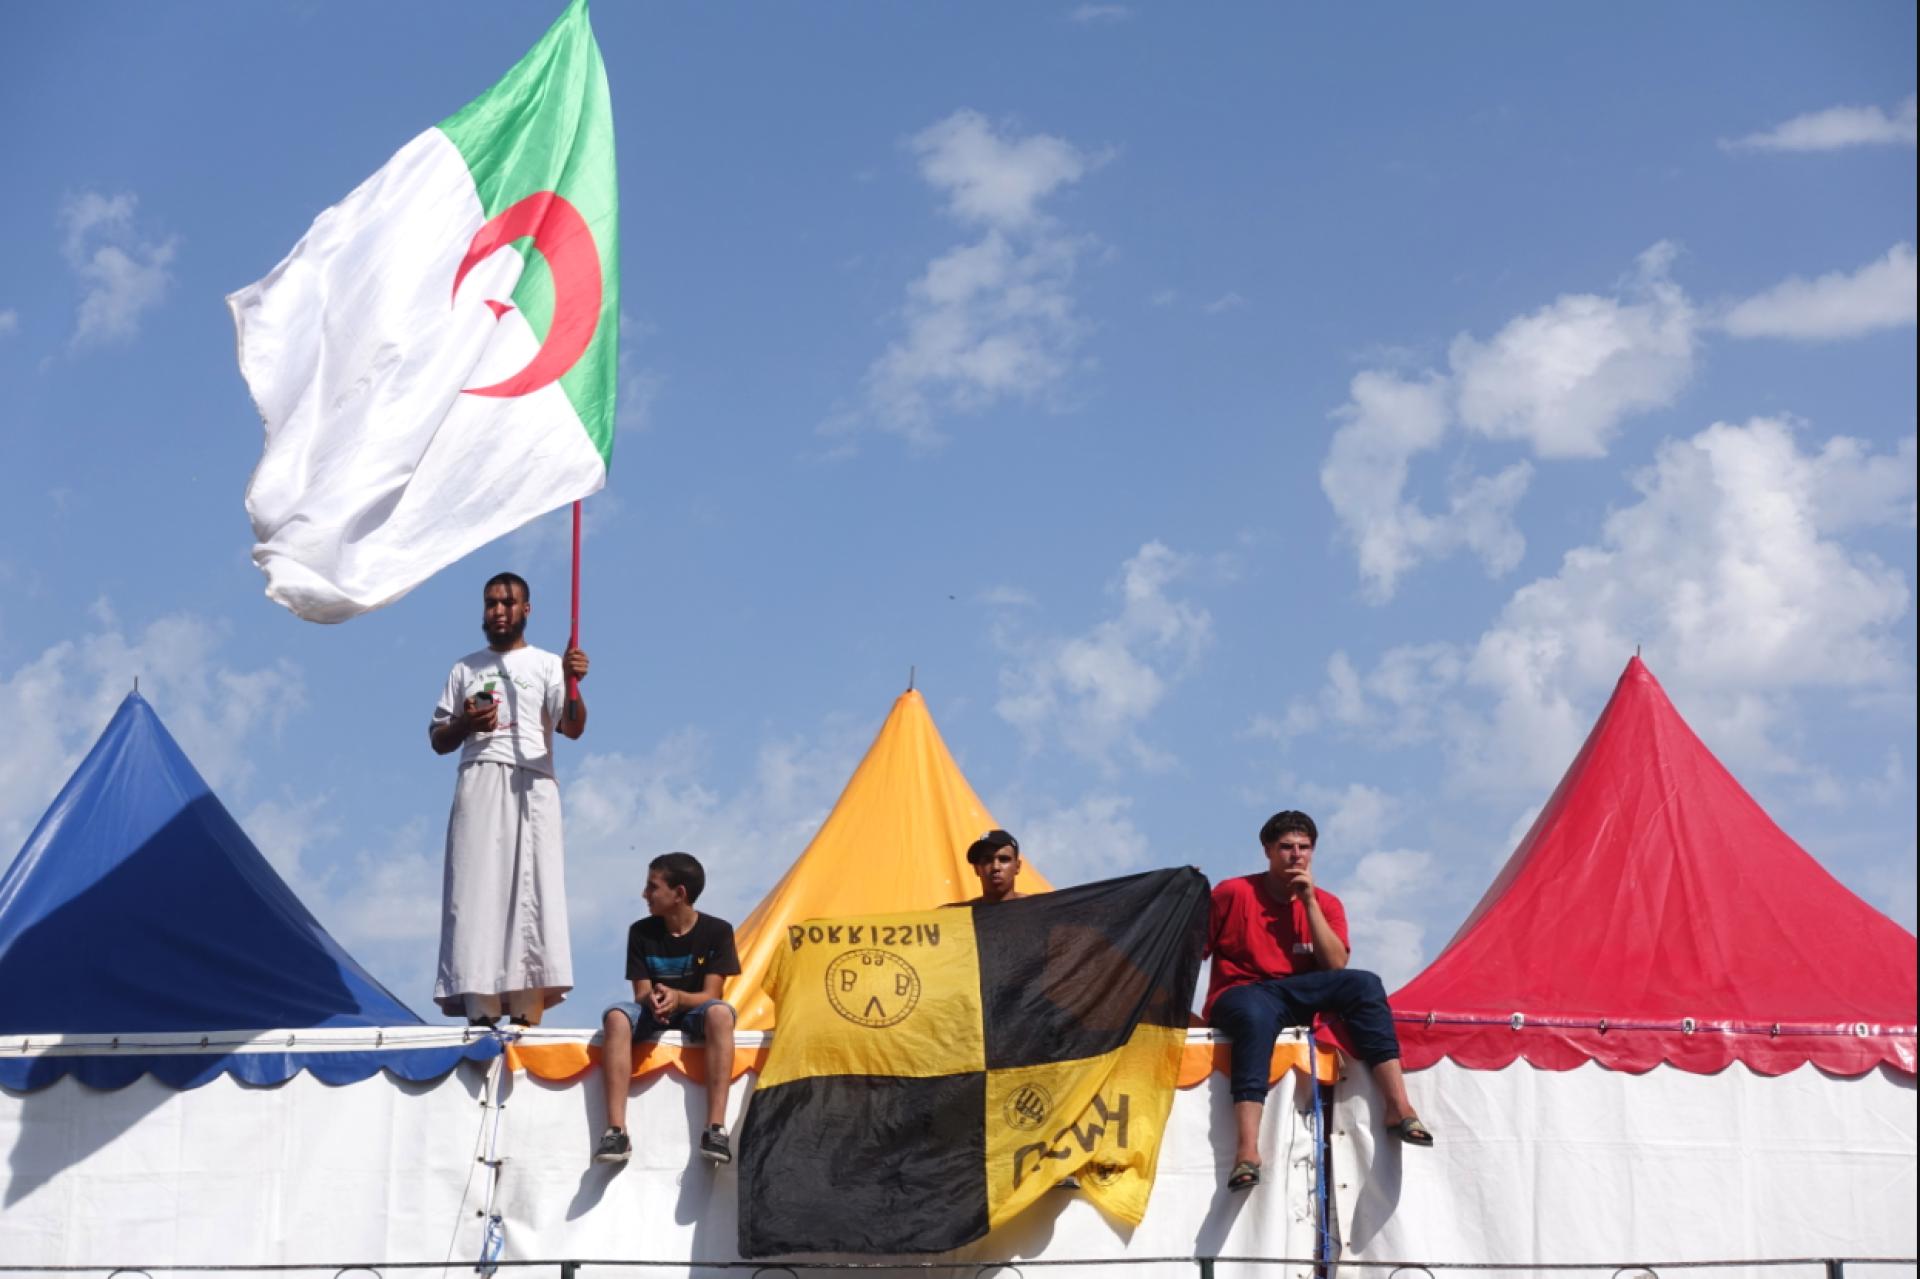 A Alger, dans une avenue l'après-midi du 19 juillet, avant le match Algérie-Sénégal où l'on peut voir le drapeau jaune du club de USM El Harrach.